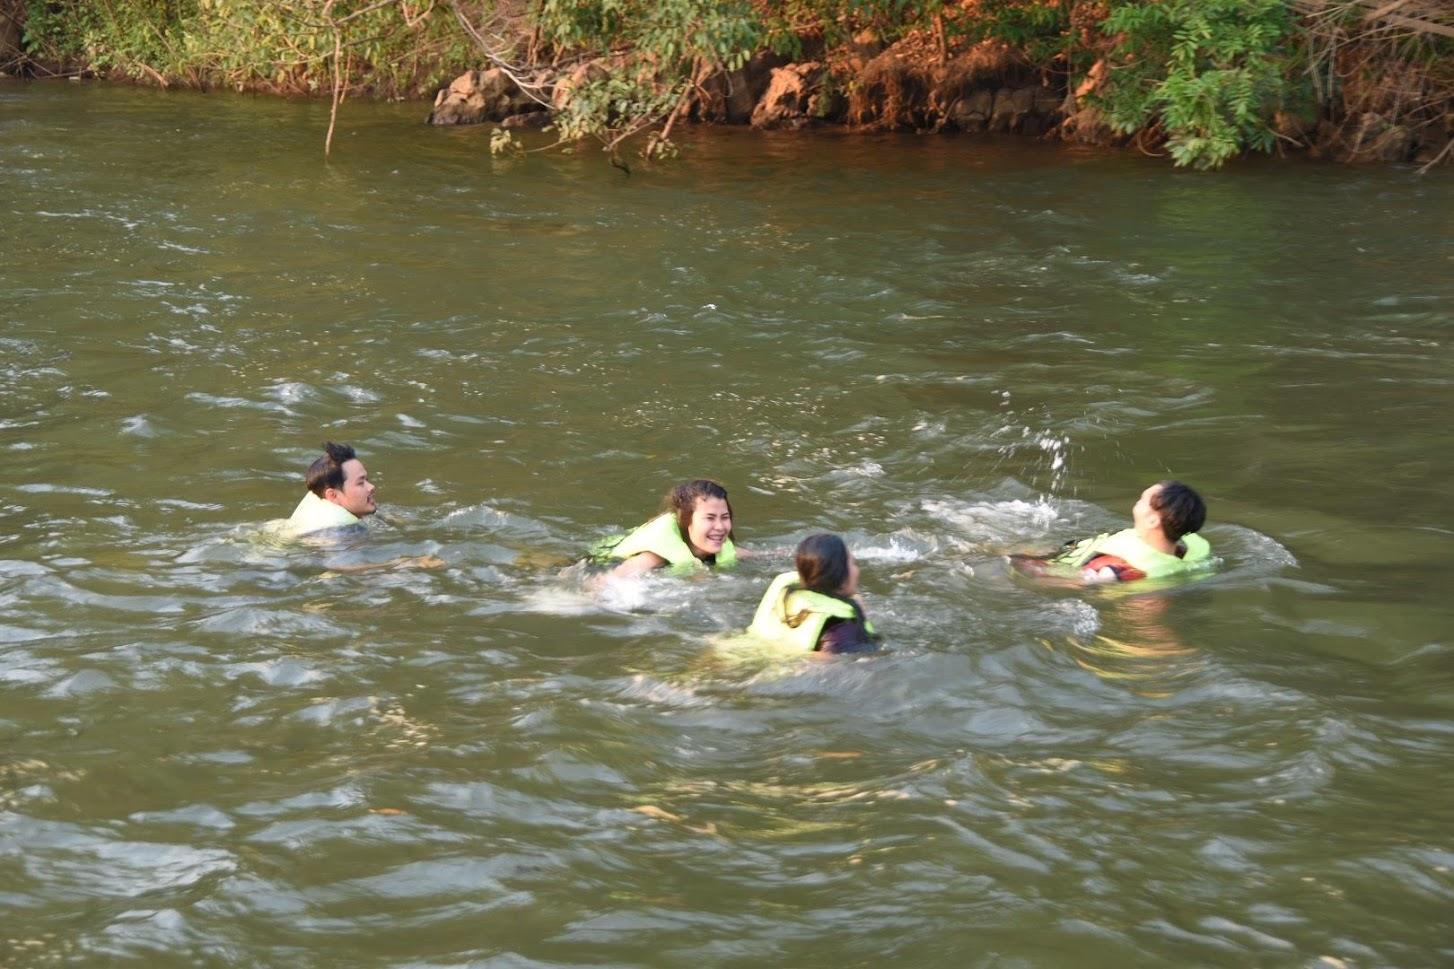 救命胴衣を着用して川に飛び込む